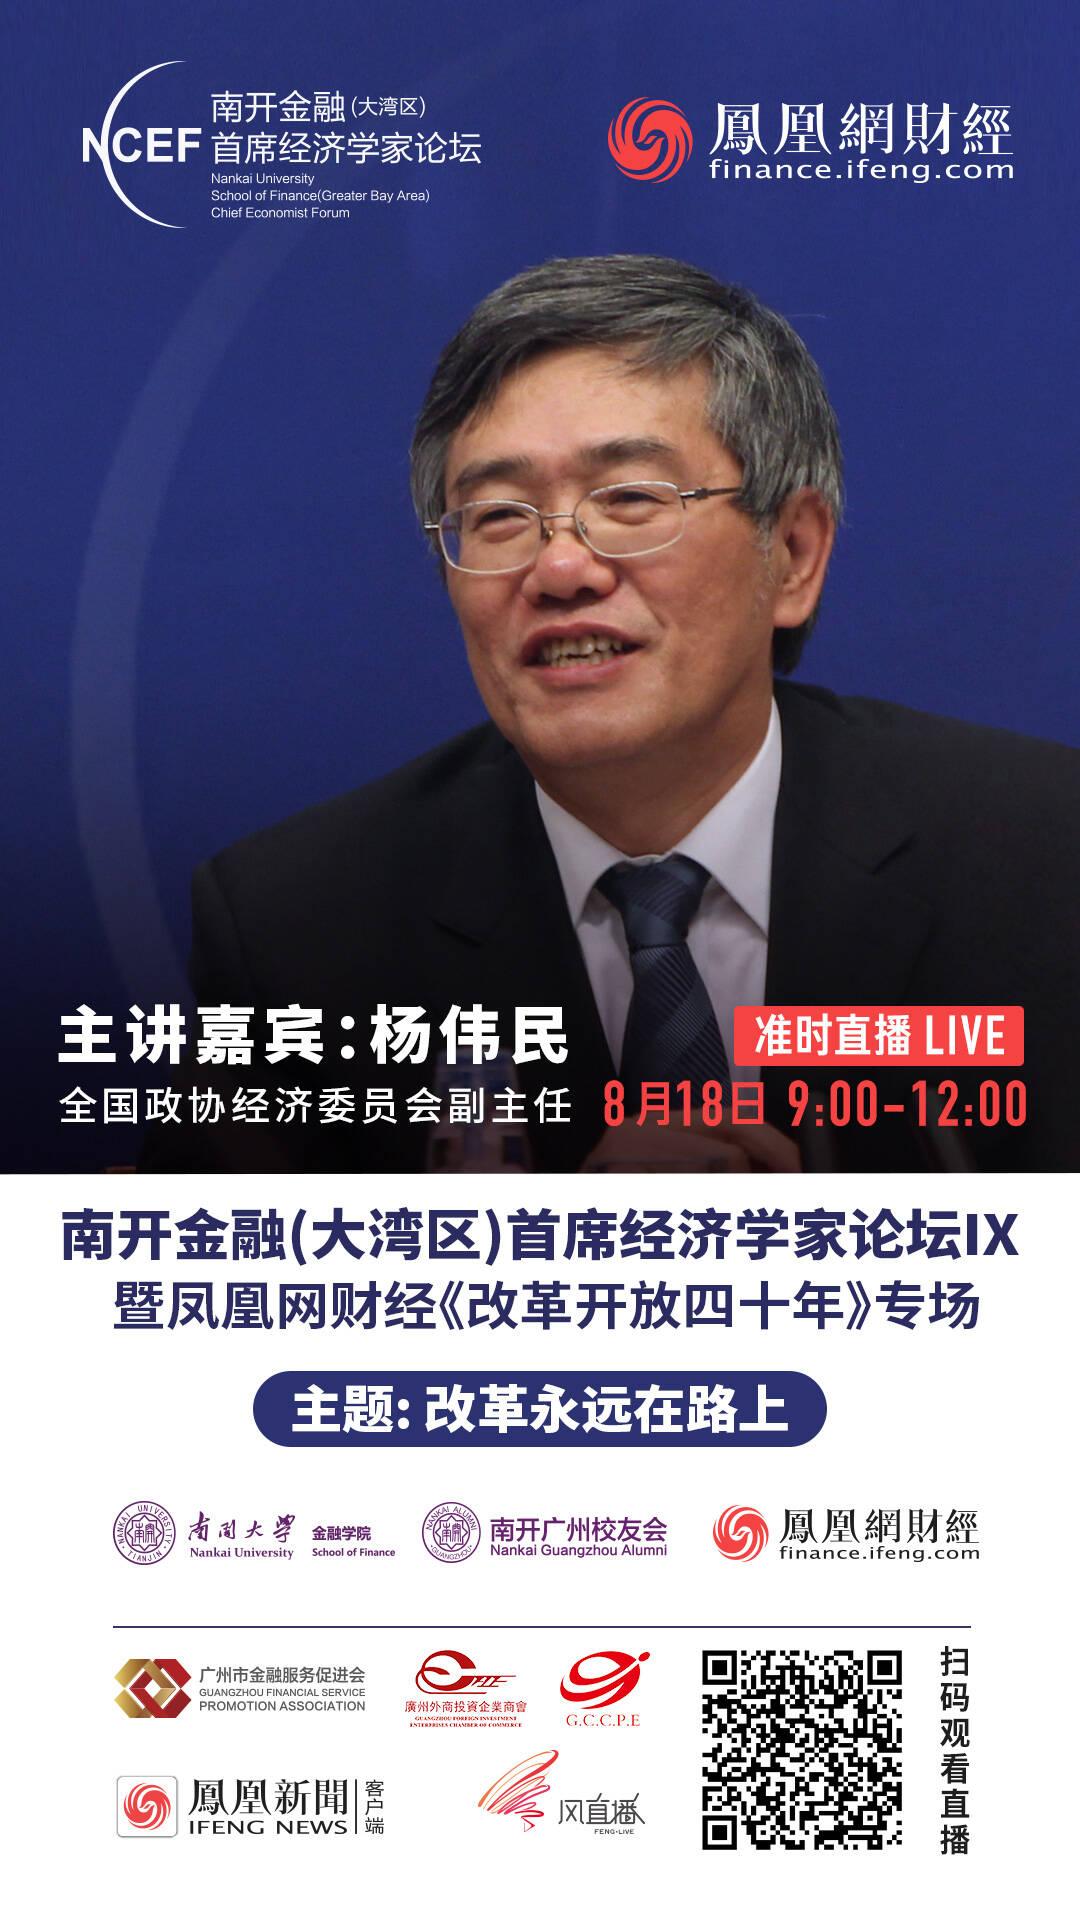 杨伟民:大家都要活到90岁 以后的问题会越来越难办